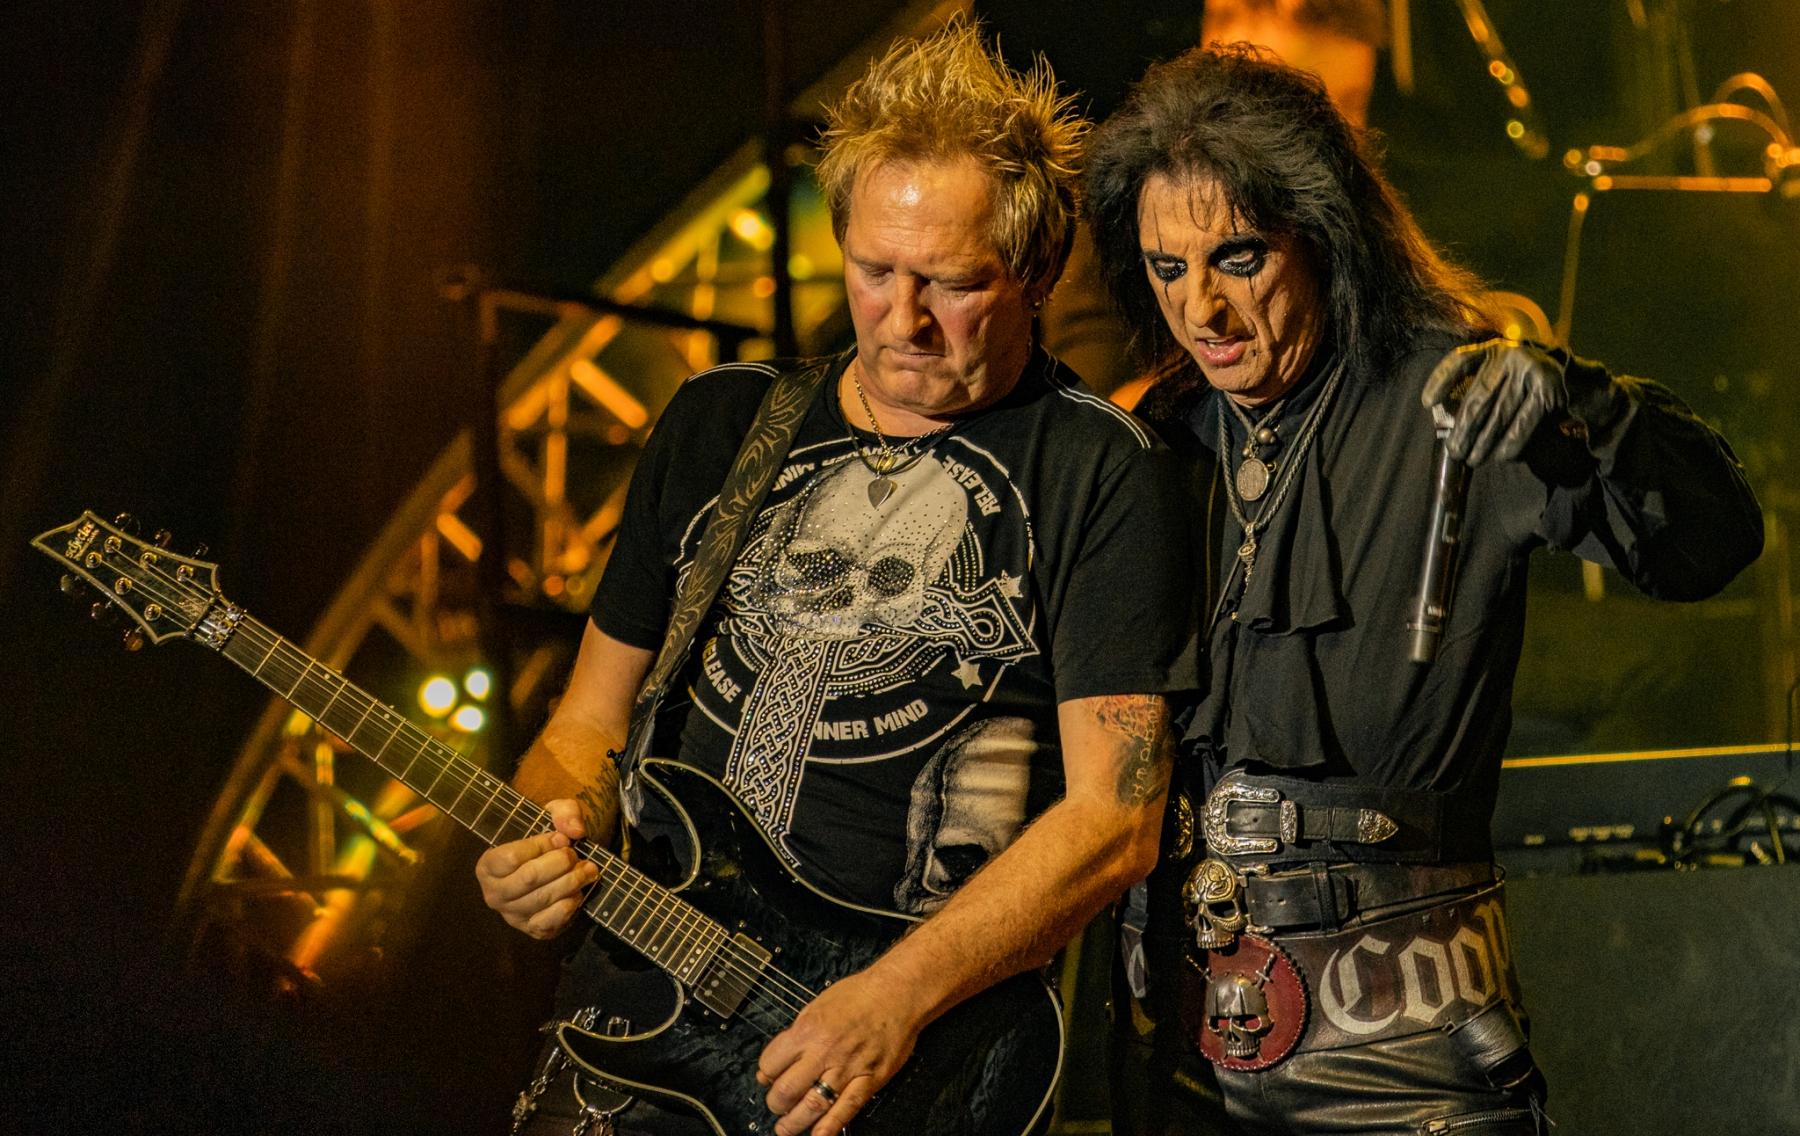 rock-meets-classic-07-03-2020-0679